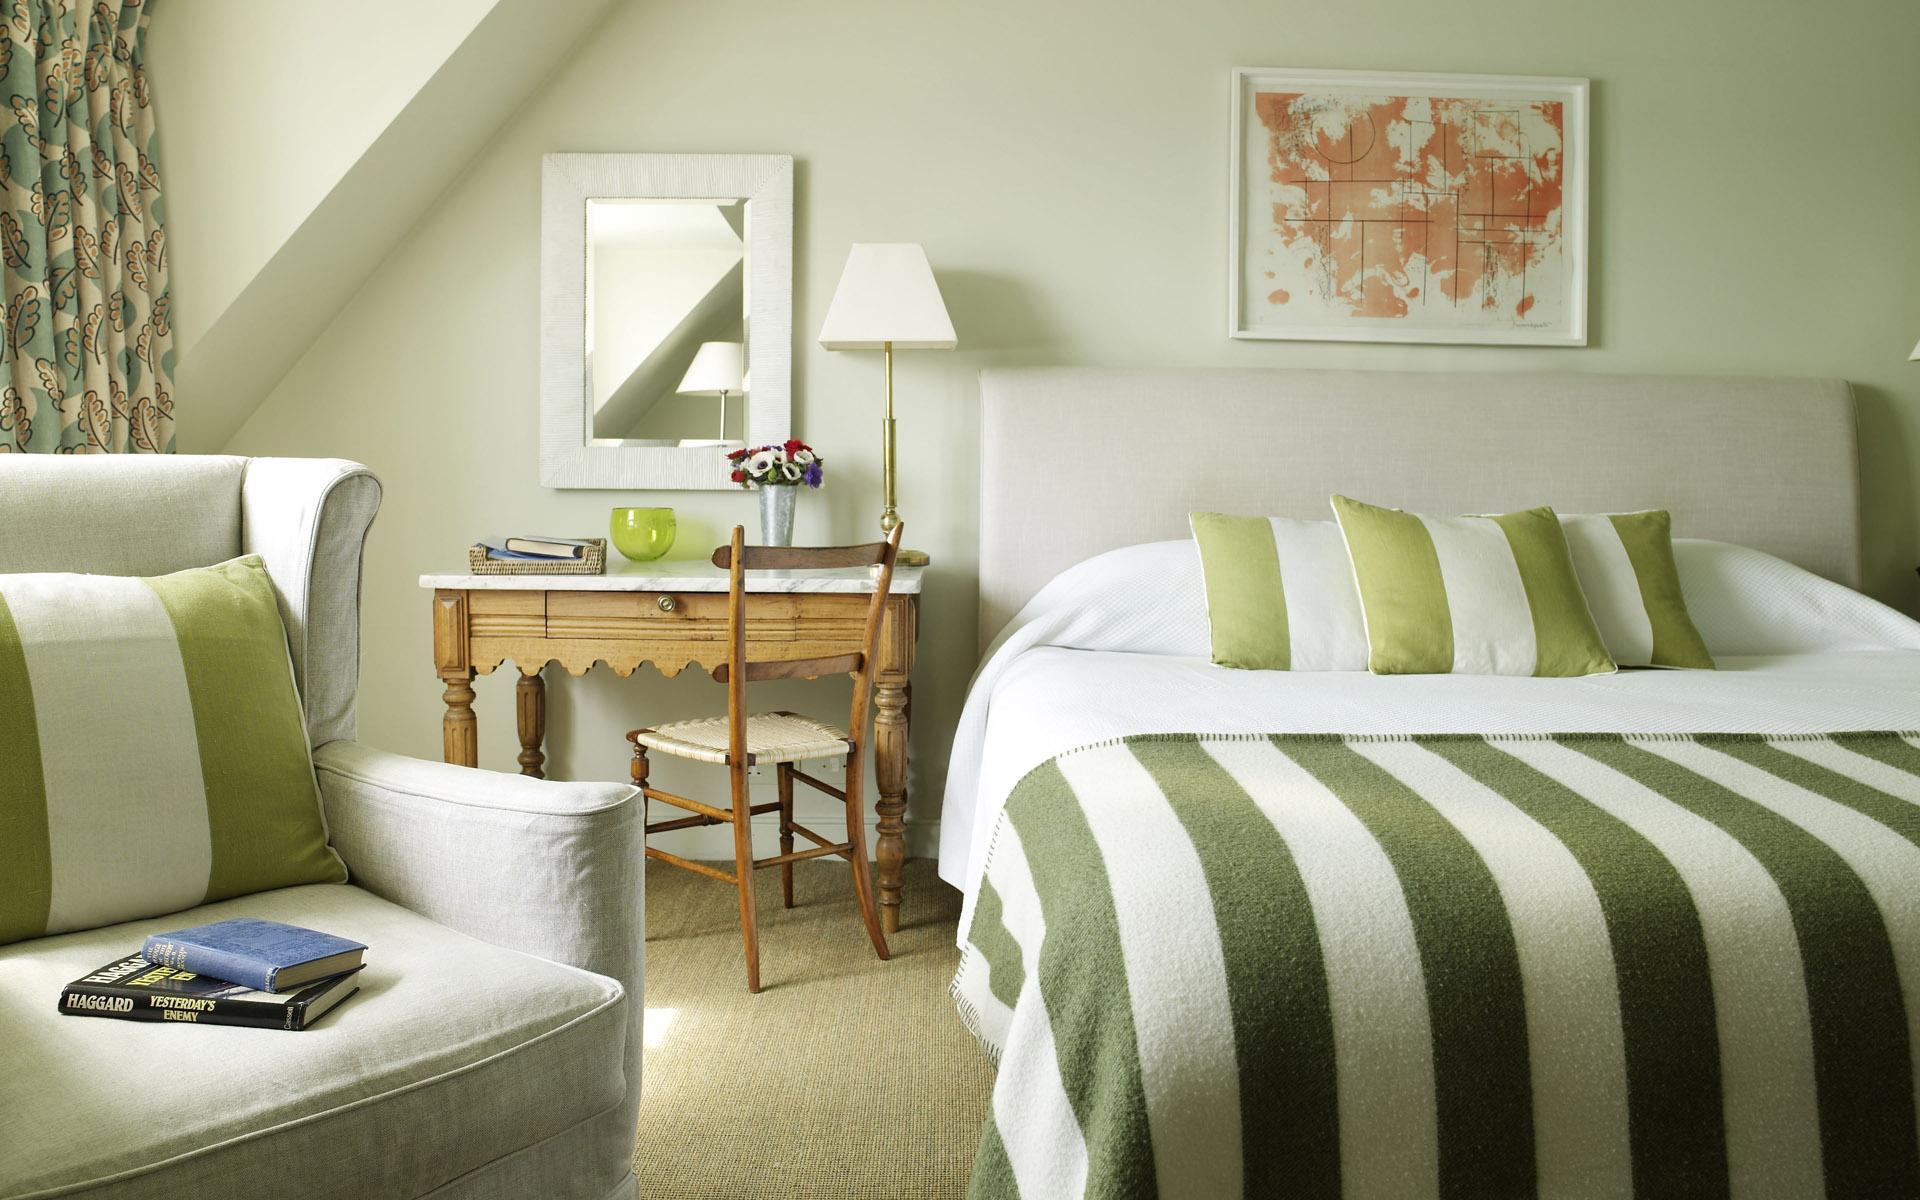 20 40 amazing interior design ideas